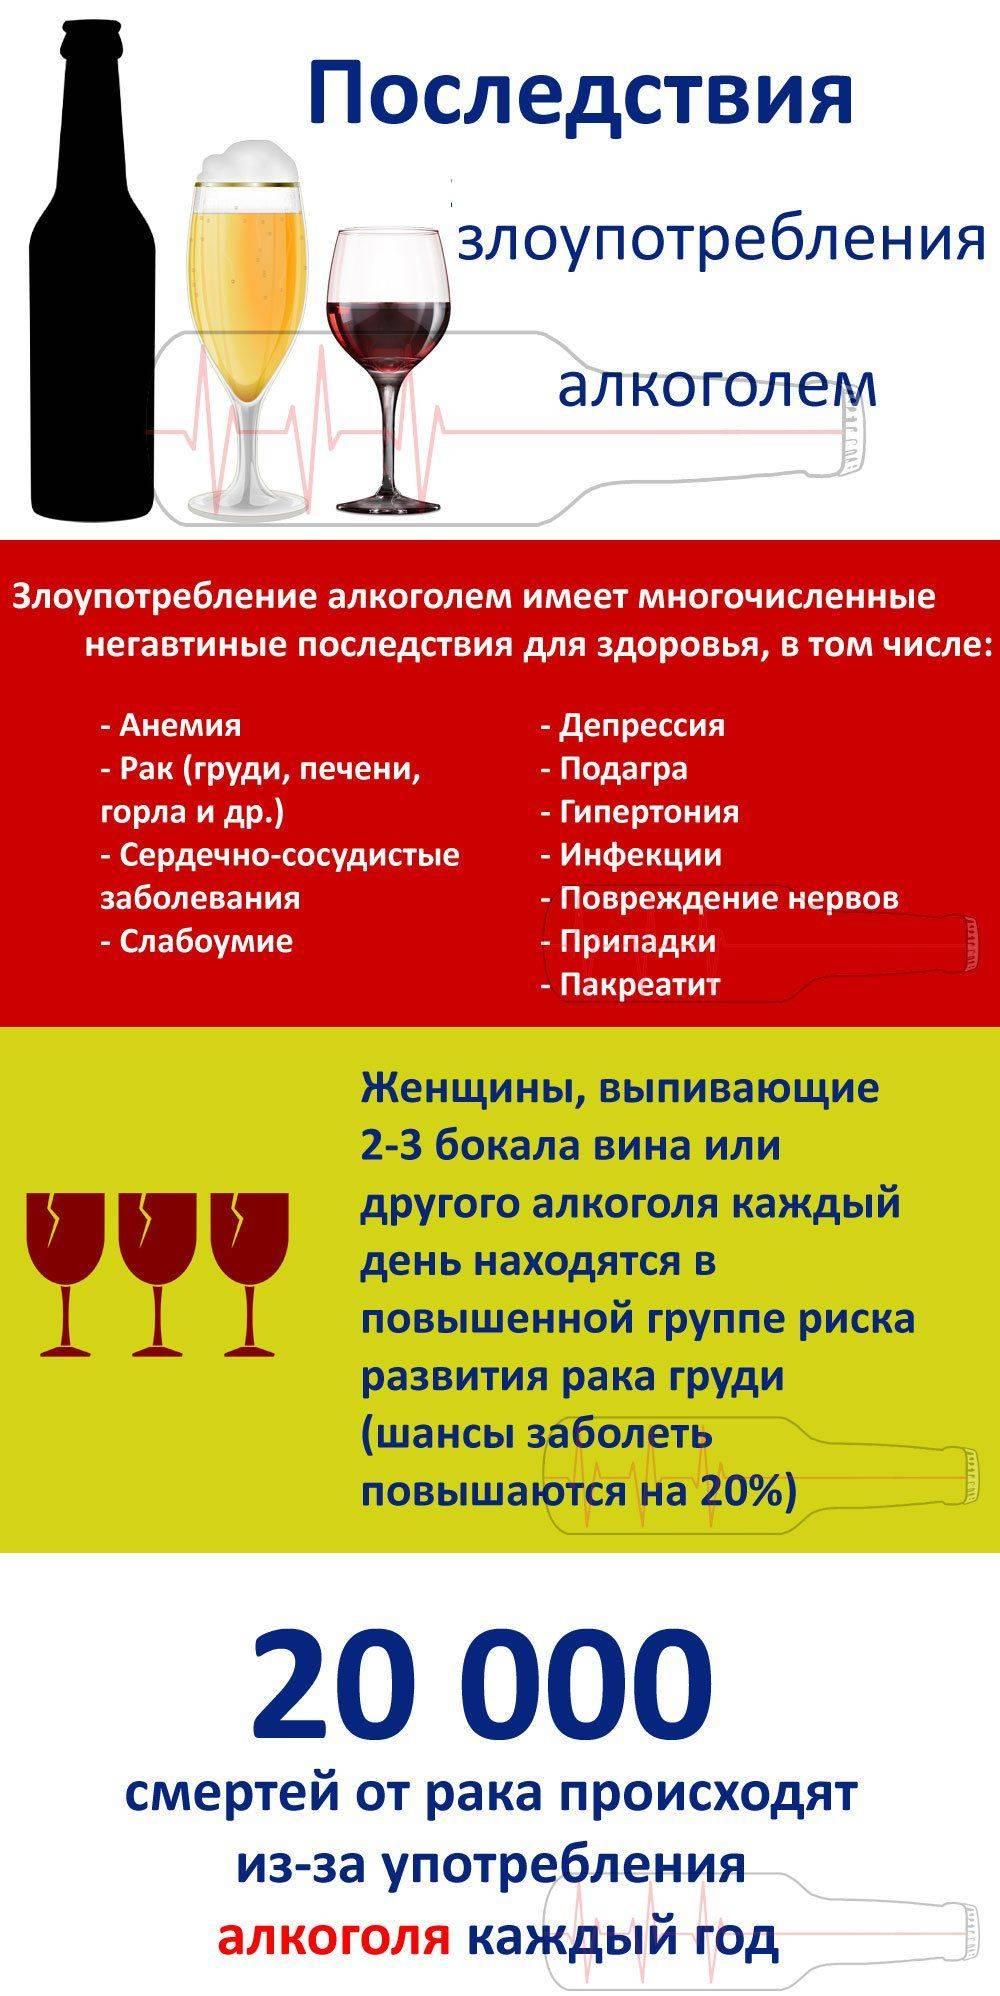 Употребление алкоголя: стадии и симптомы алкогольной зависимости